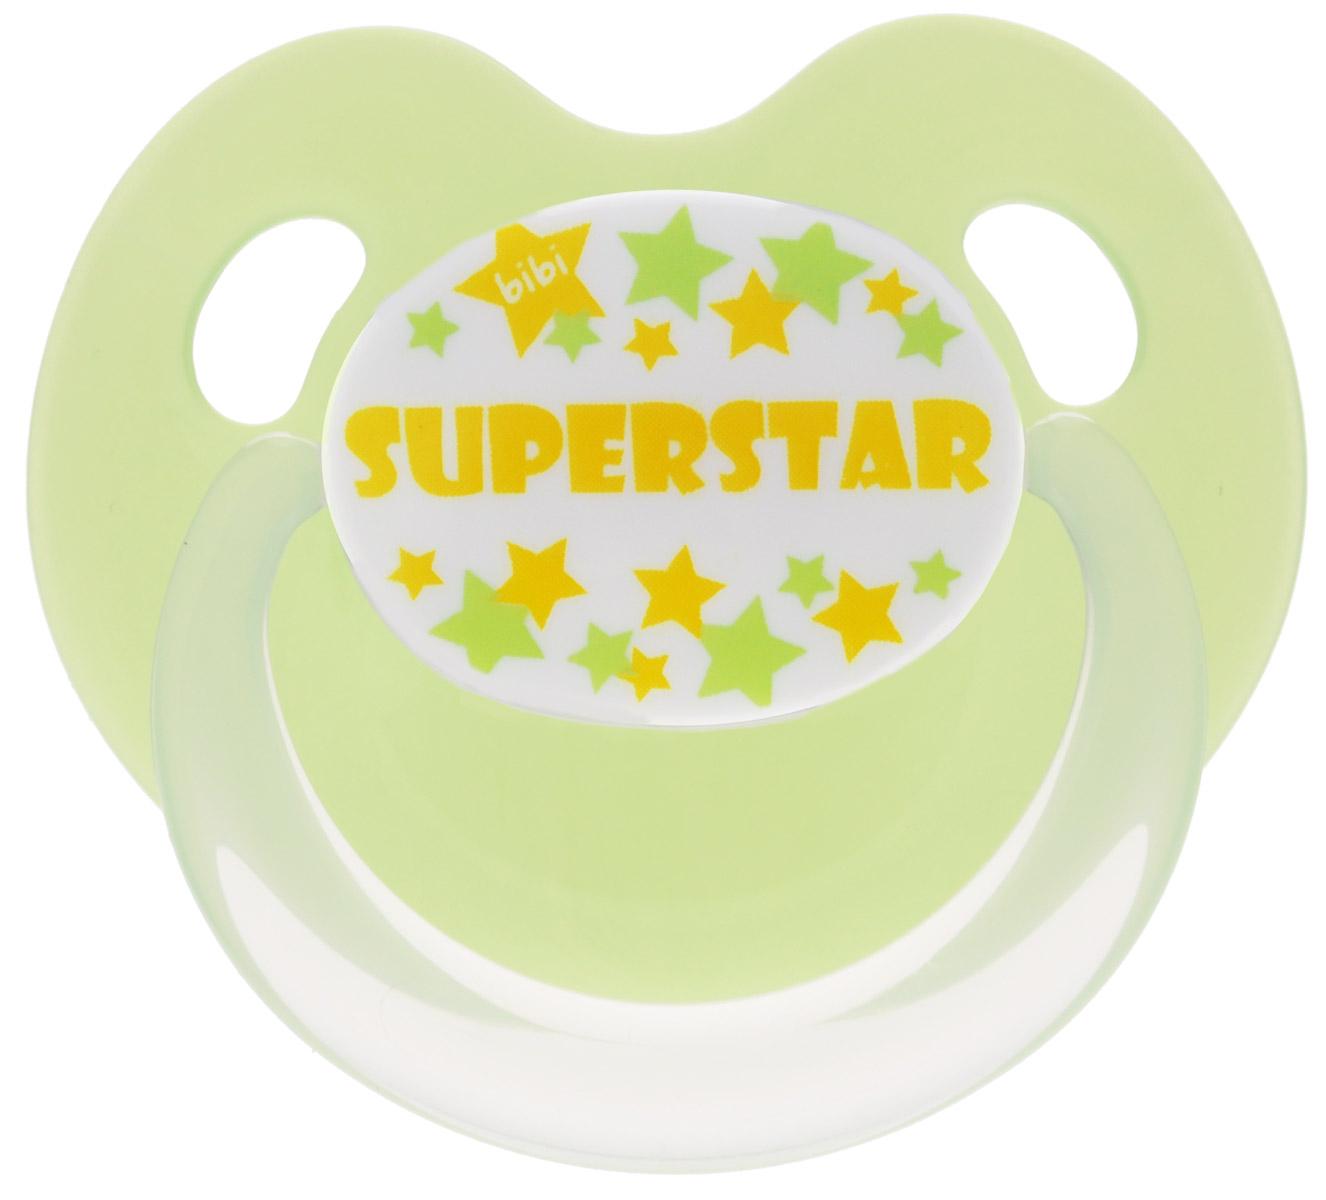 Bibi Пустышка силиконовая Dental Superstar от 6 до 16 месяцев mam пустышка силиконовая original от 6 до 16 месяцев цвет фиолетовый прозрачный 2 шт